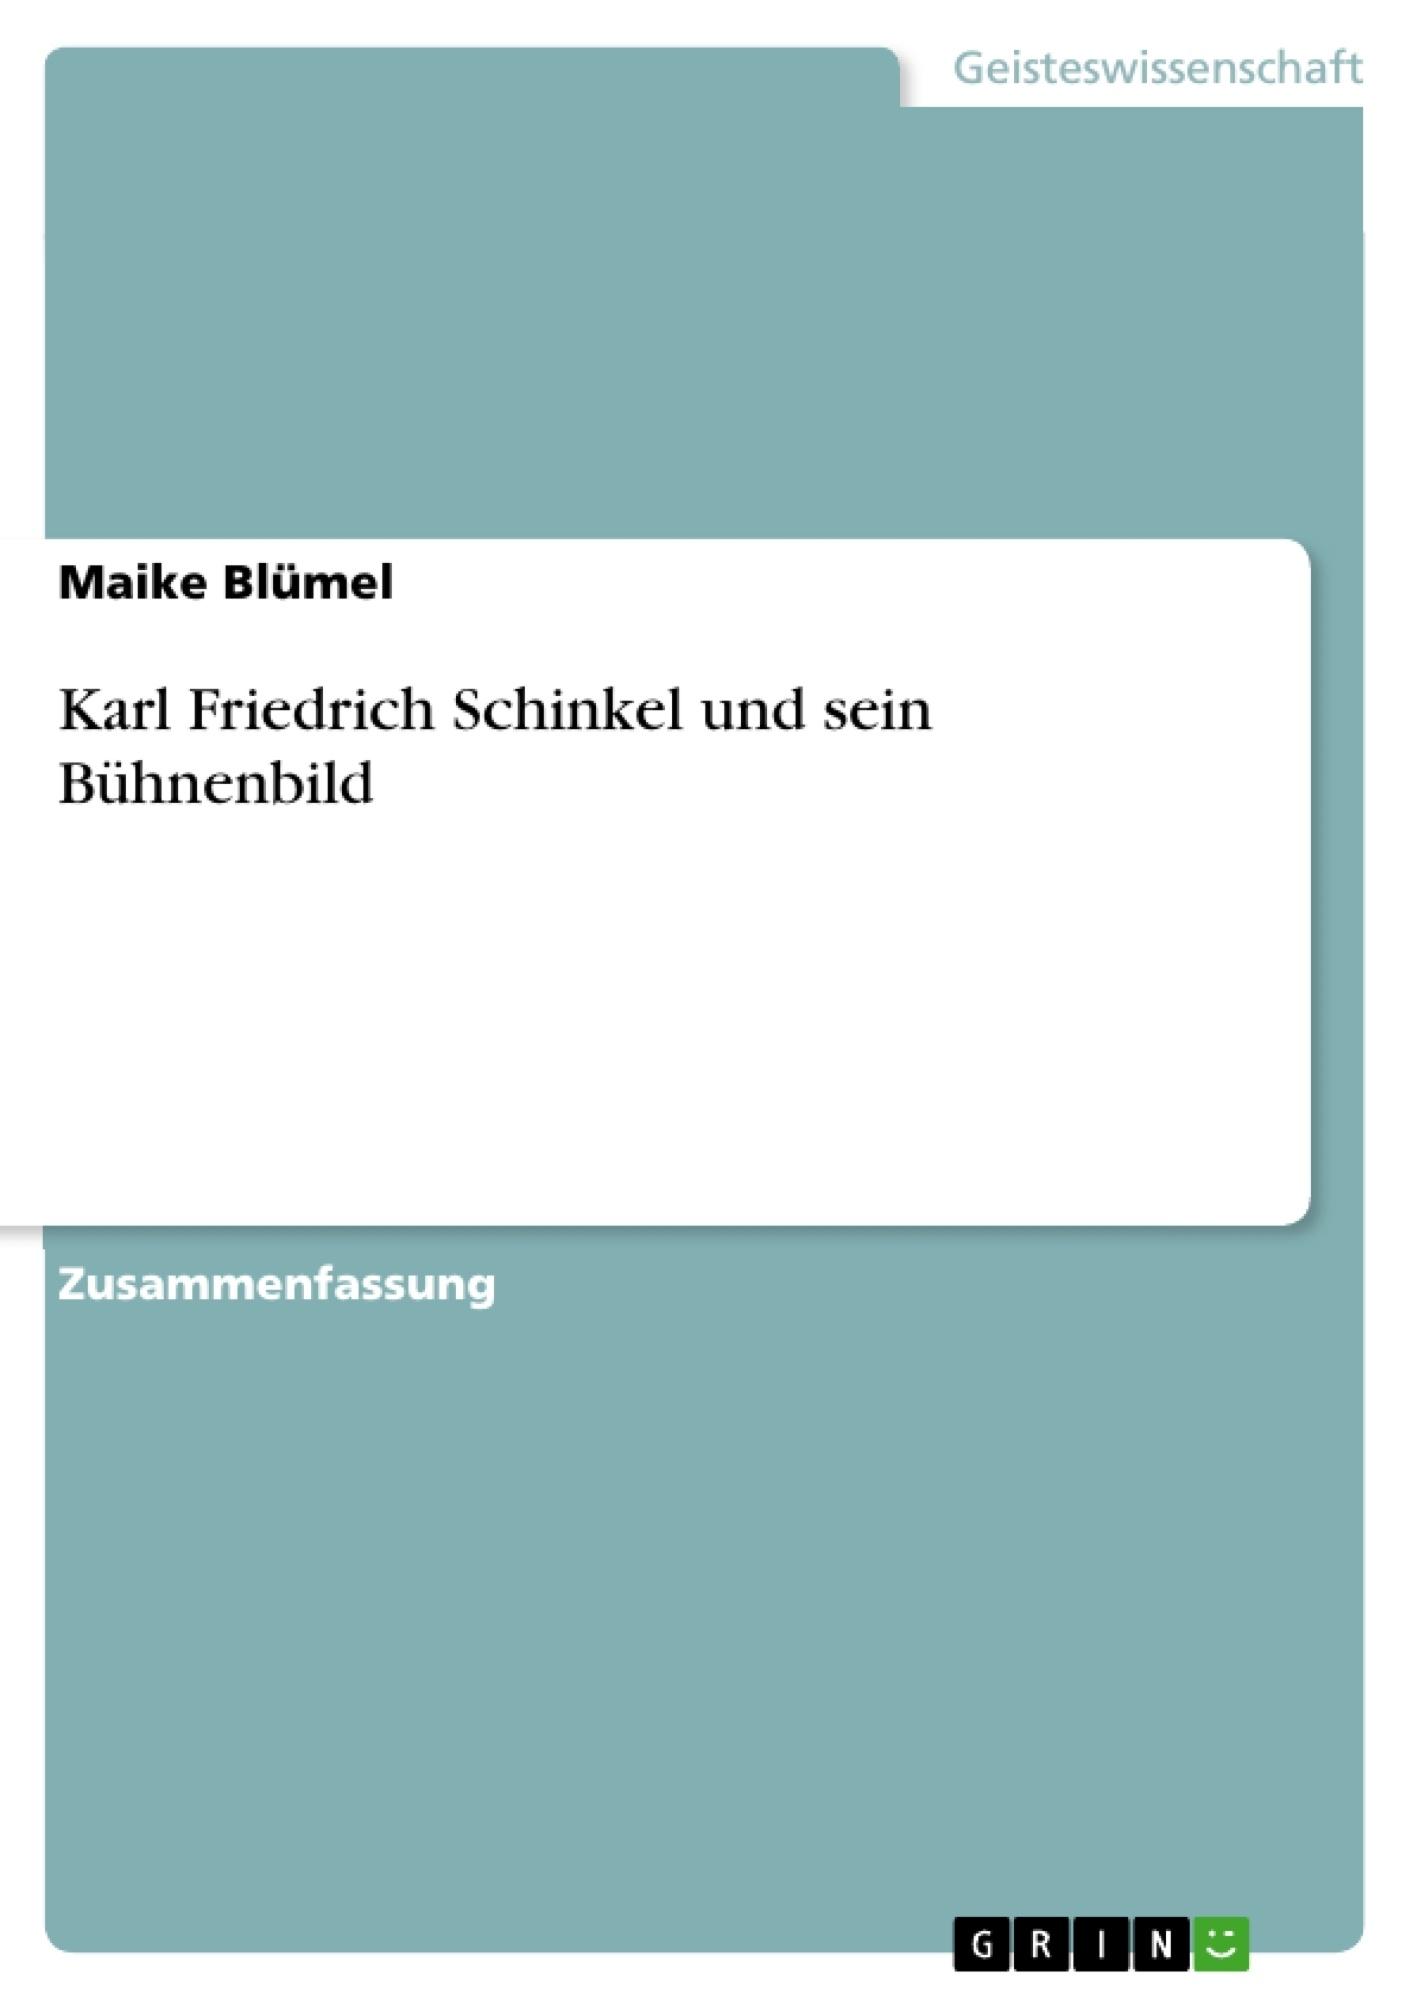 Titel: Karl Friedrich Schinkel und sein Bühnenbild